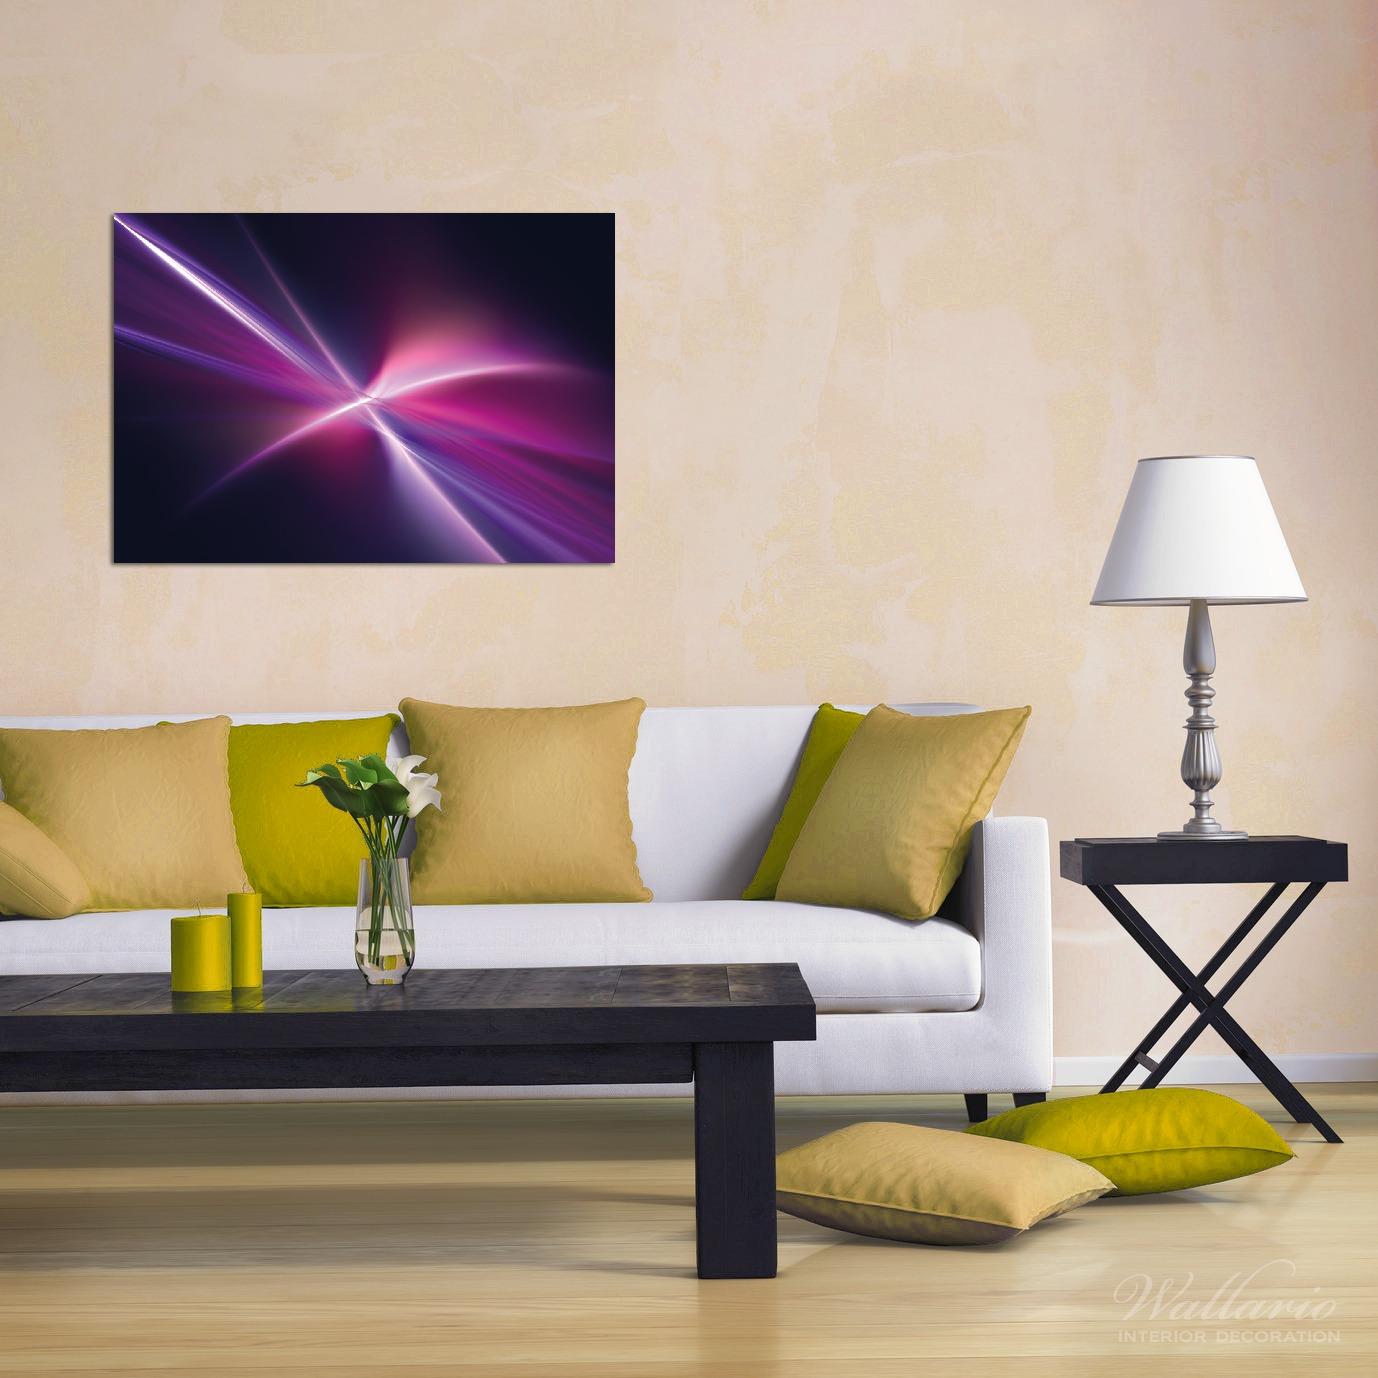 Wandbild Abstrakte Formen und Linien  schwarz lila pink weiß – Bild 2